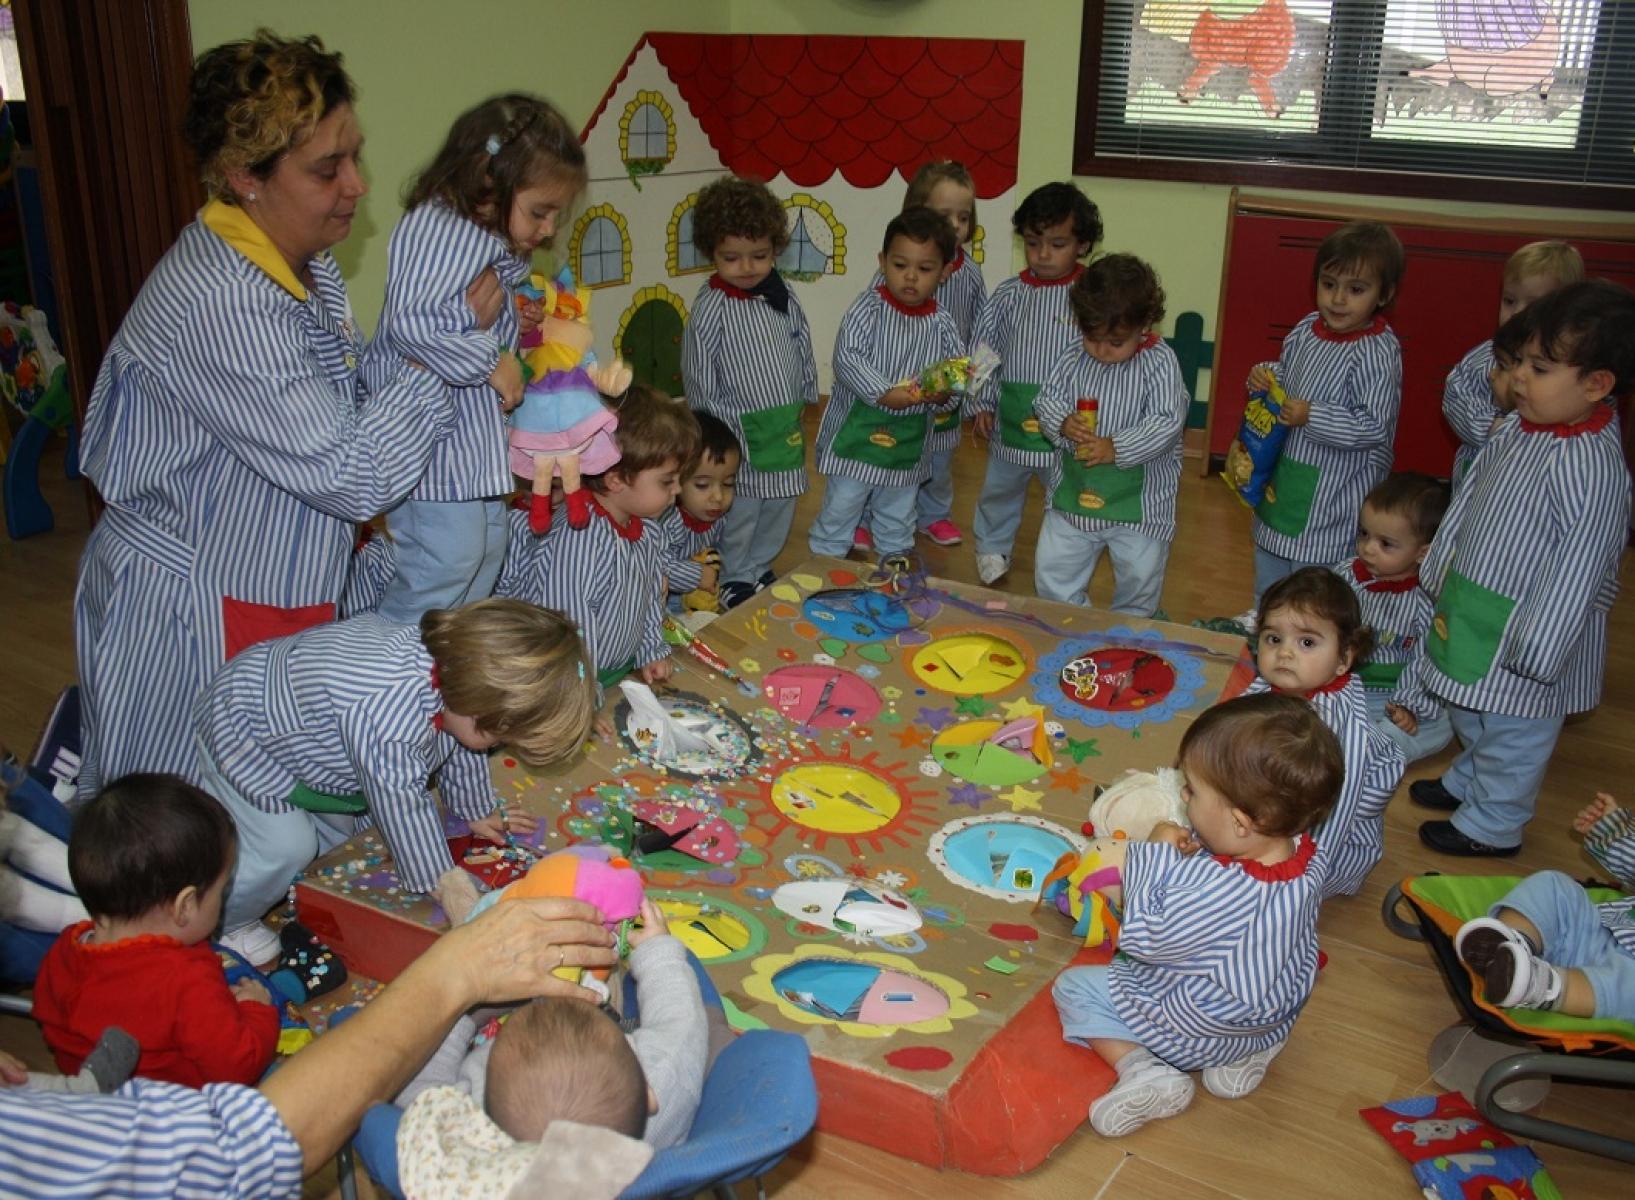 Día de la infancia